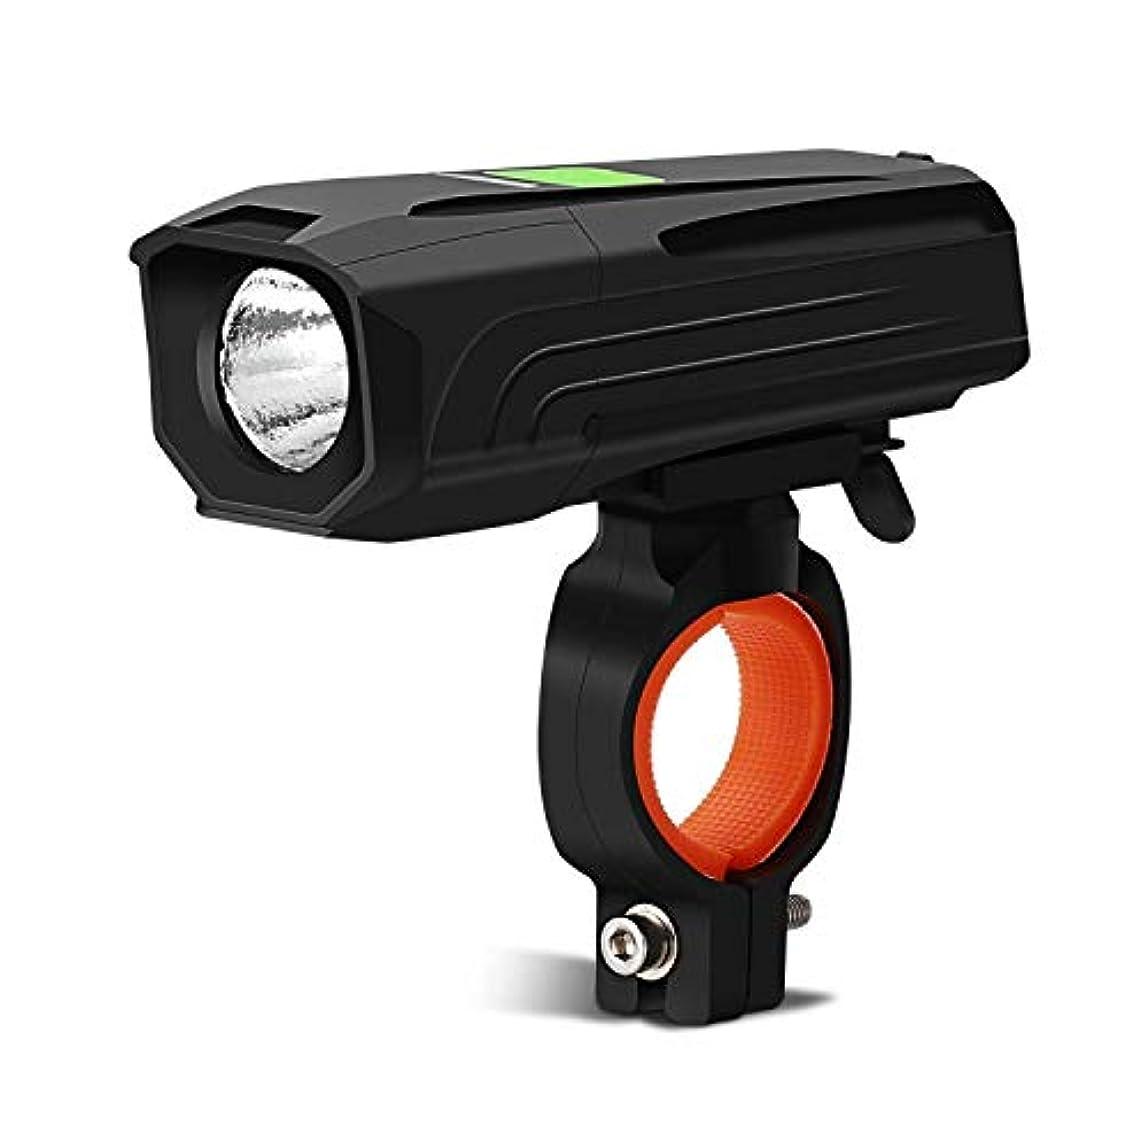 メジャー例外構造HiCool自転車ライト サイクルライト ヘッドライト 強力LED電灯 自転車 ライト ズーム機能付 完全防水 ホルダー付属 USB充電式 自転車用LED強力懐中電灯 自転車用LEDライト サイクリングライト